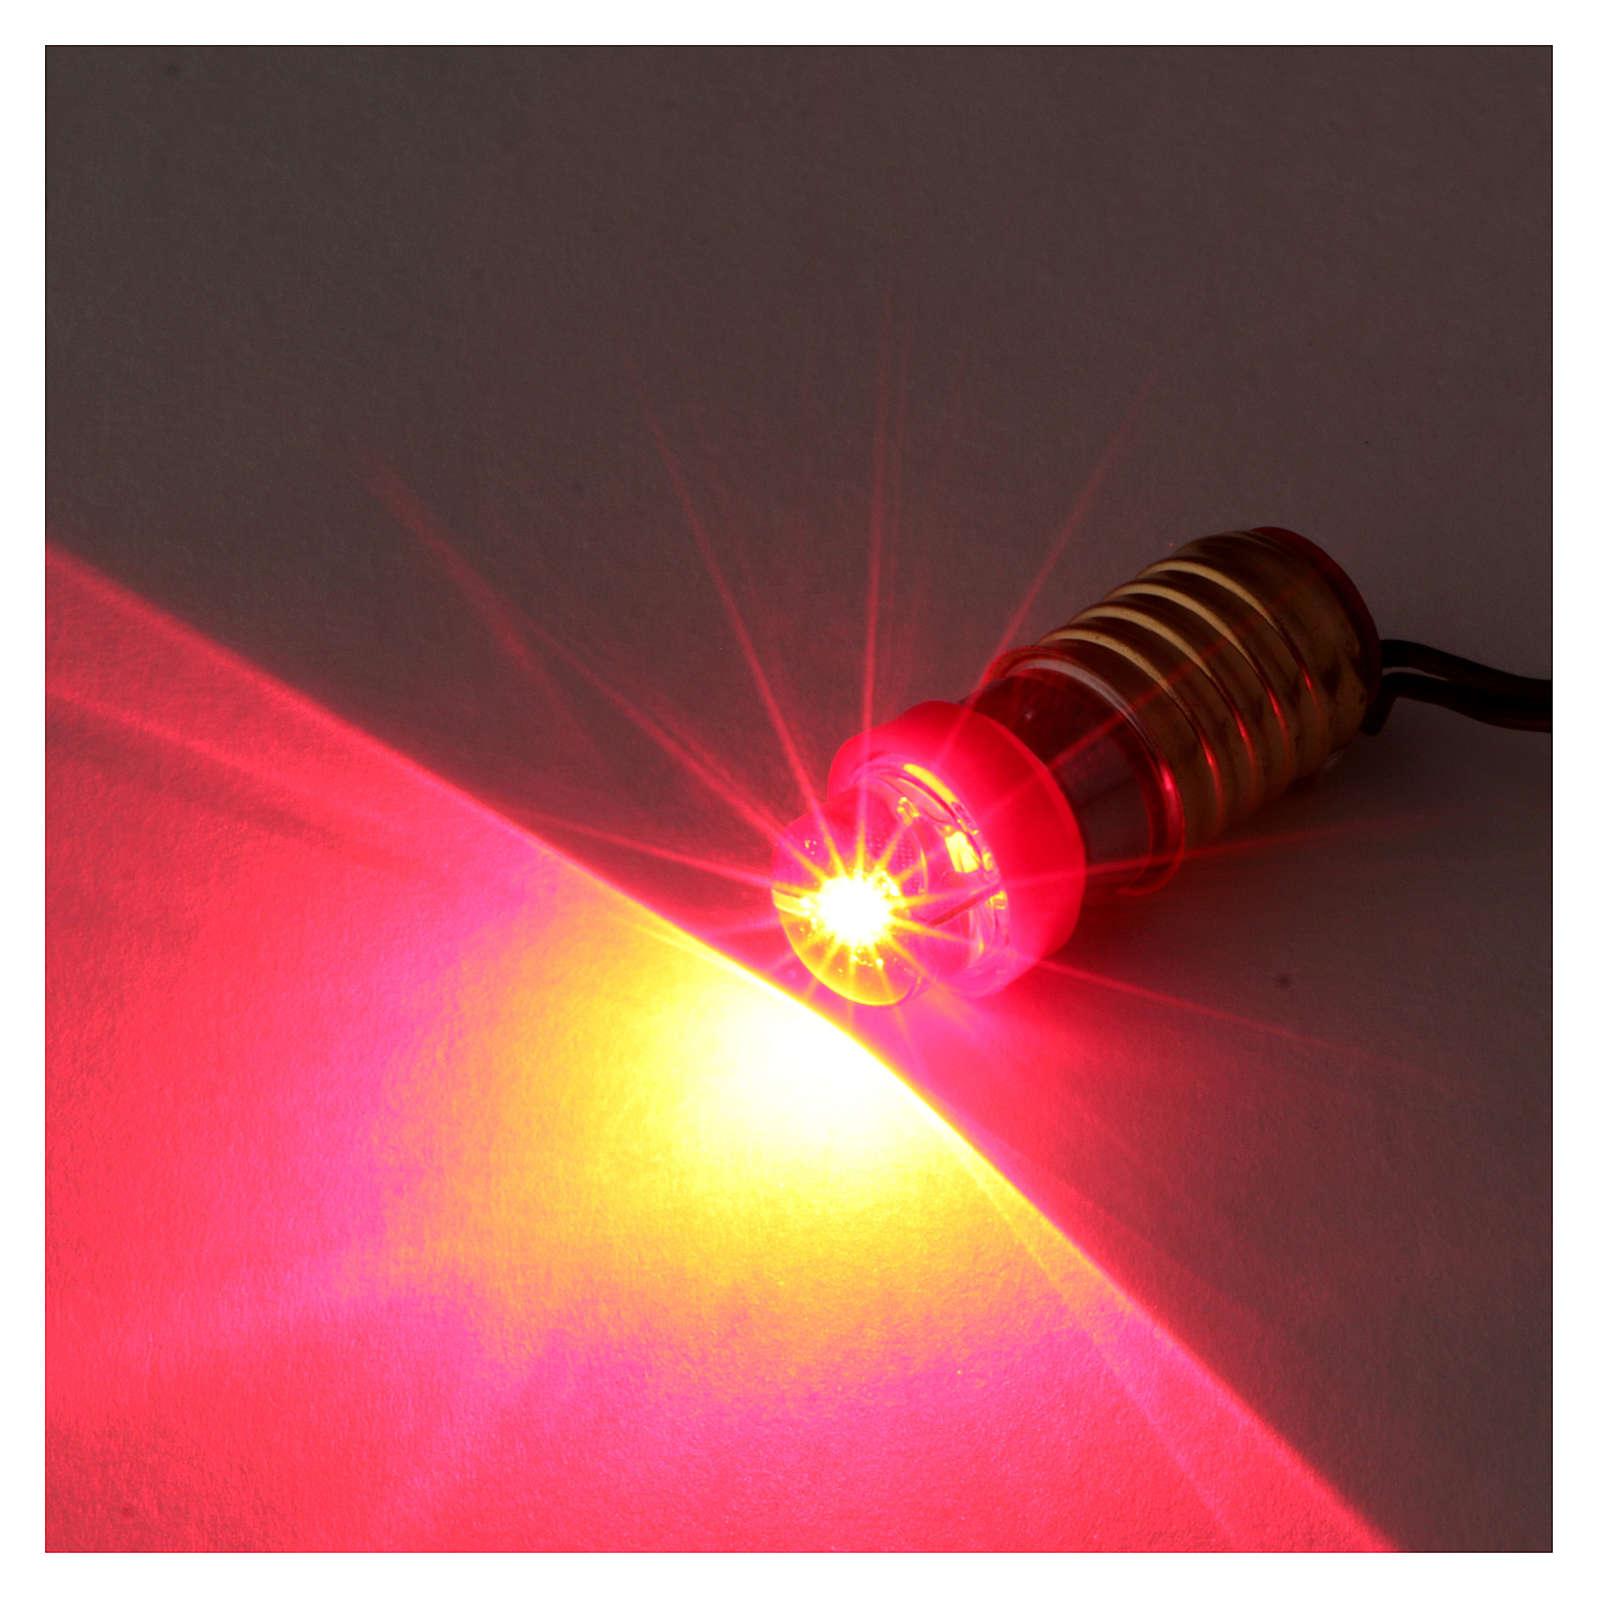 Led ampoule rouge avec câblage à bas voltage 4